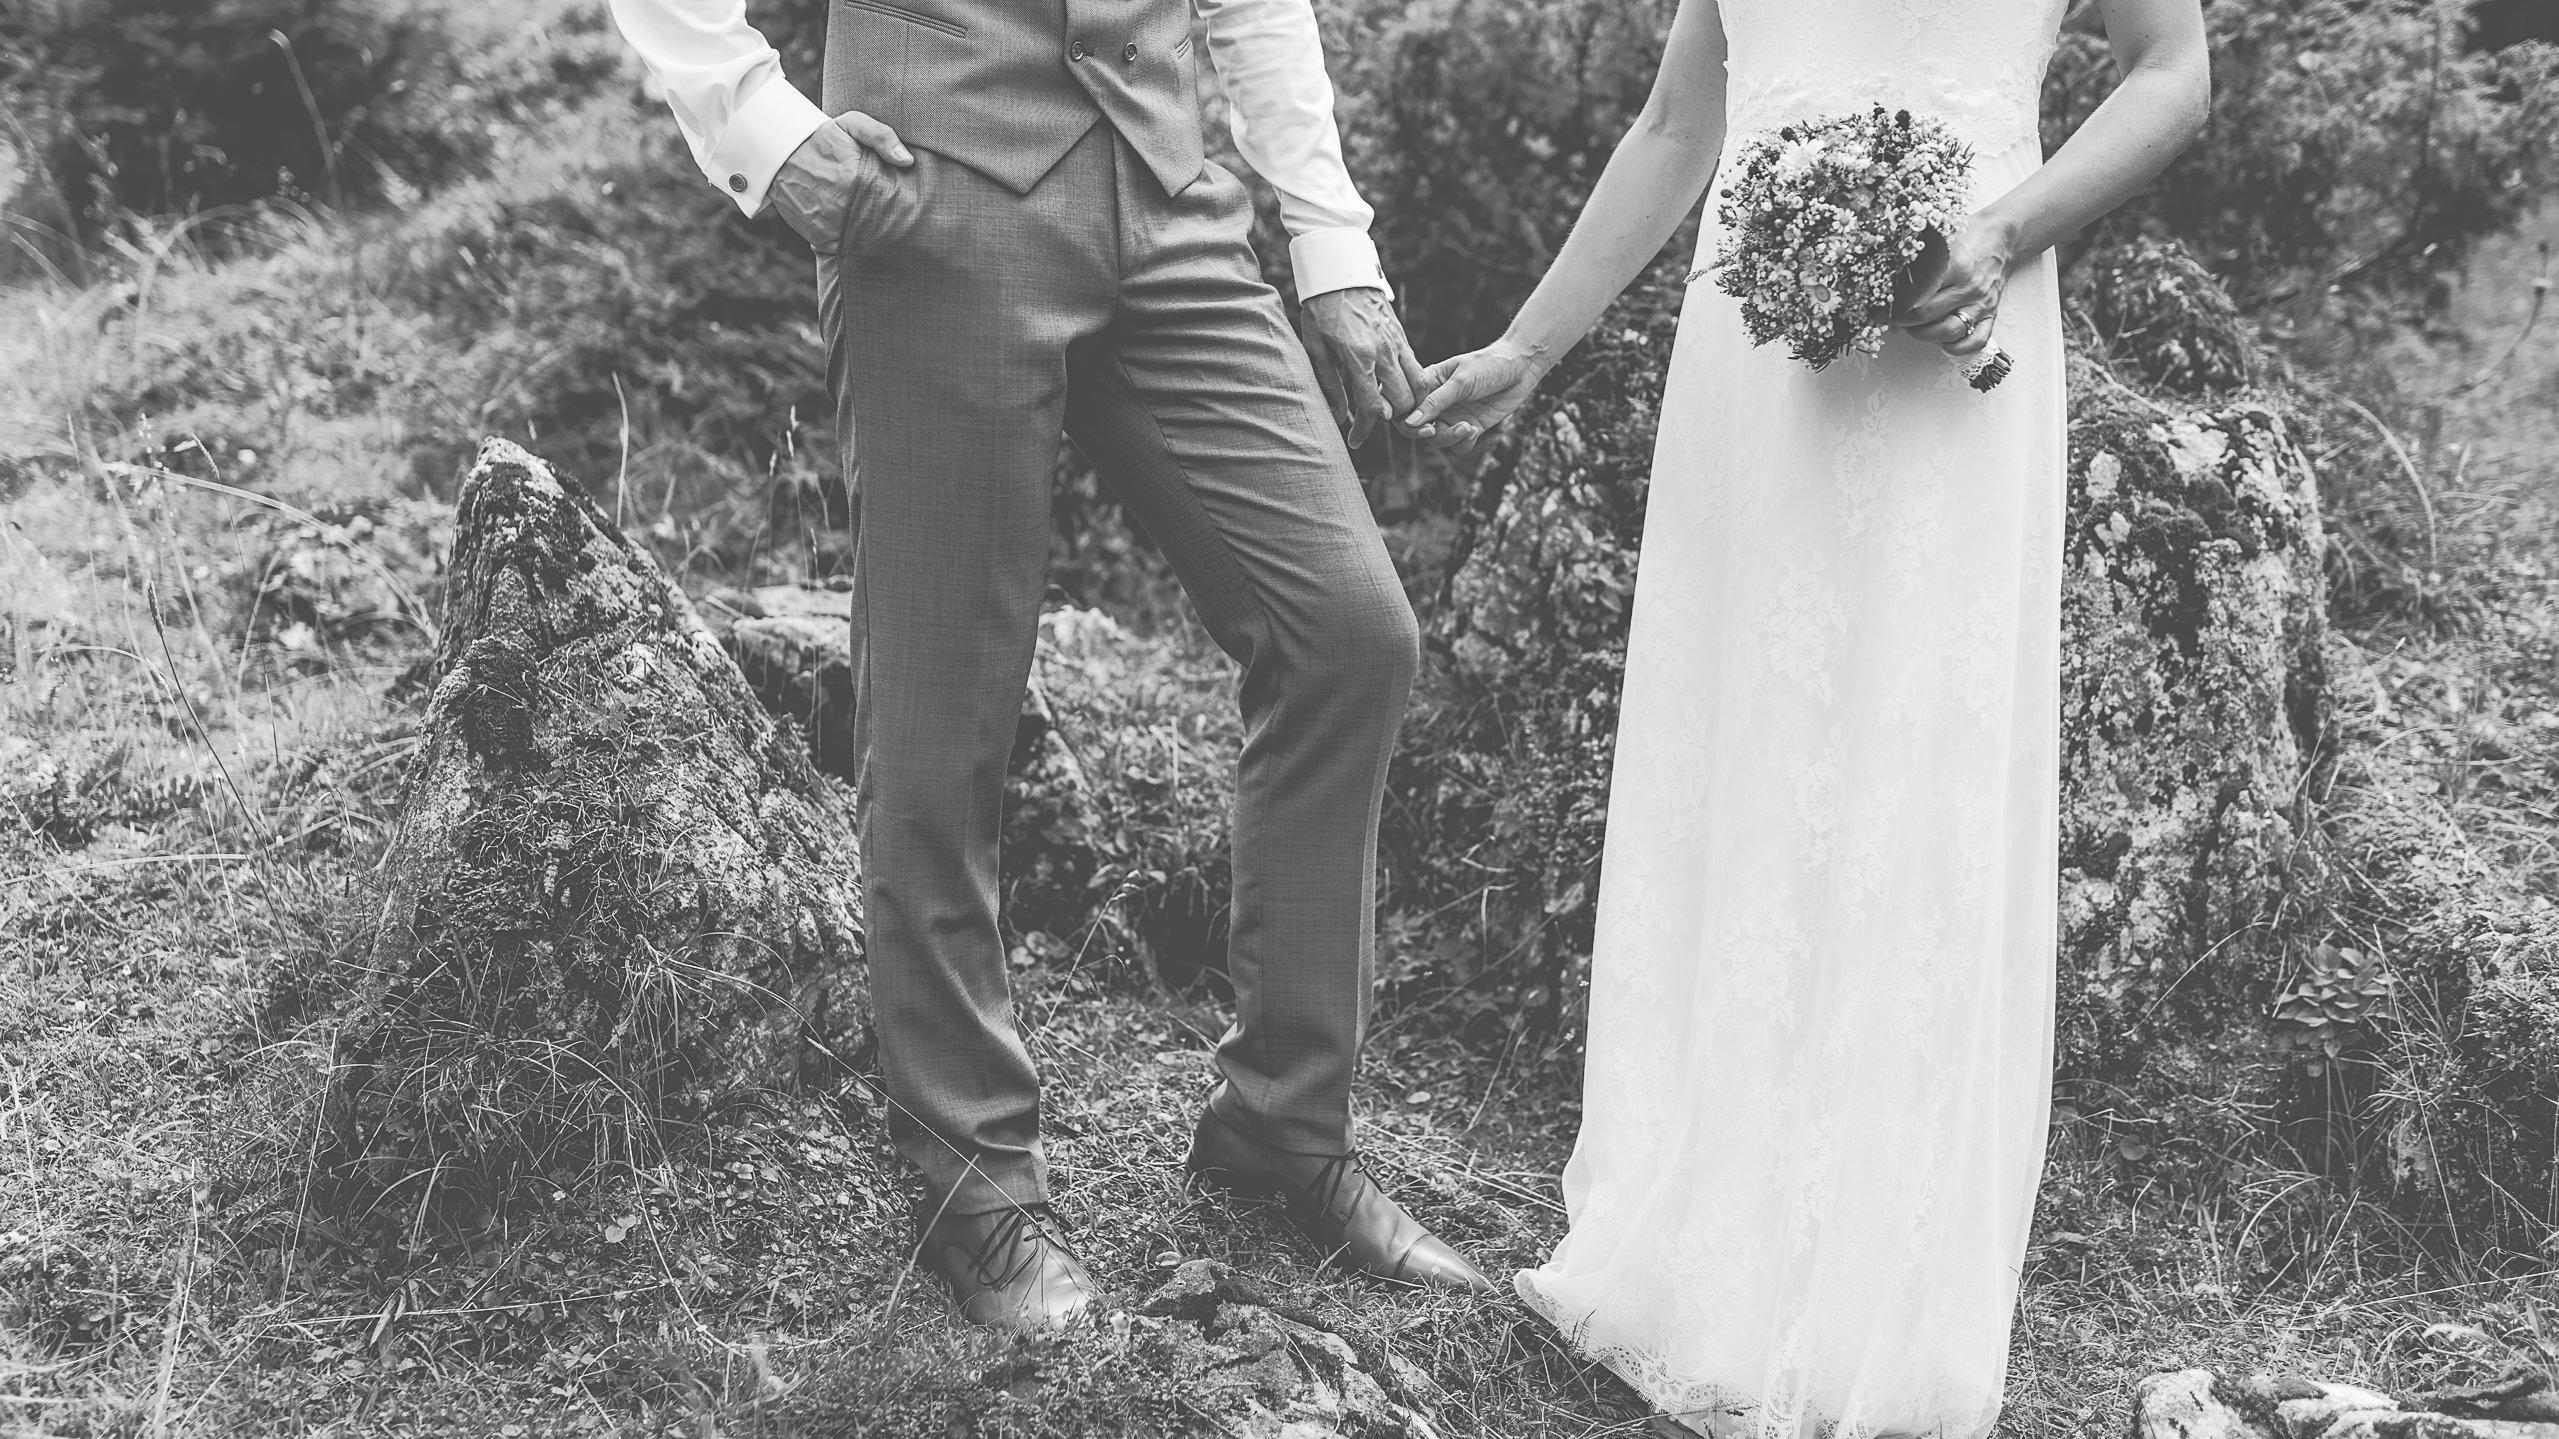 Lässige Hochzeit in den Bergen Österreichs, Bergpanorama, Spitzenkleid, Jung und Wild design Mica Zeitz